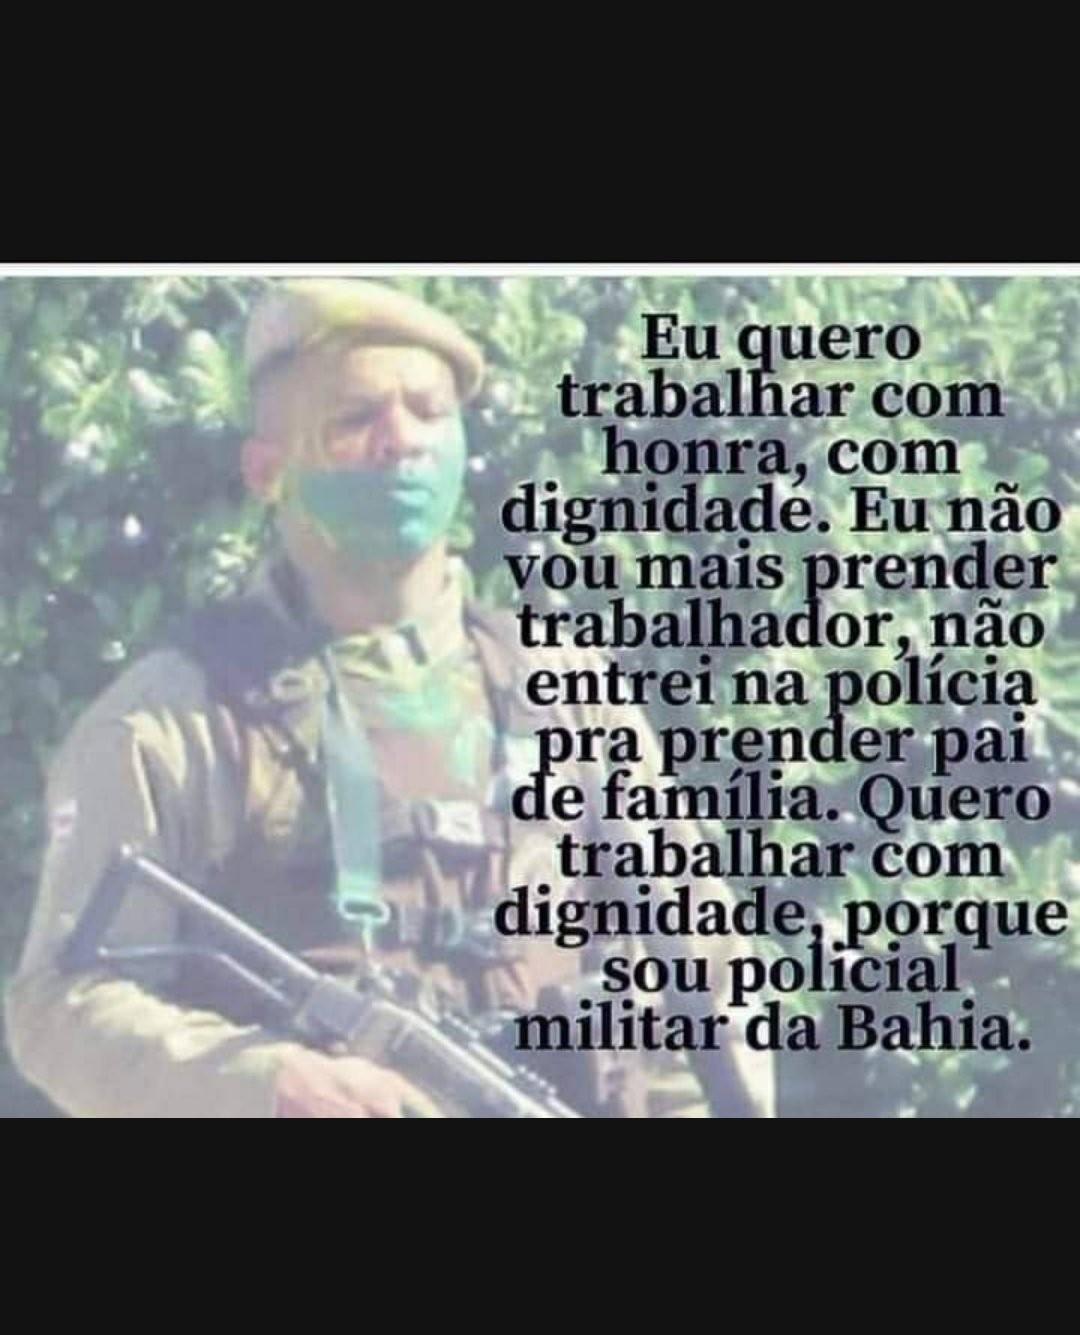 Após de morte de PM na Bahia neste domingo, internautas conservadores atacam governador Rui Costa e homenageiam PM